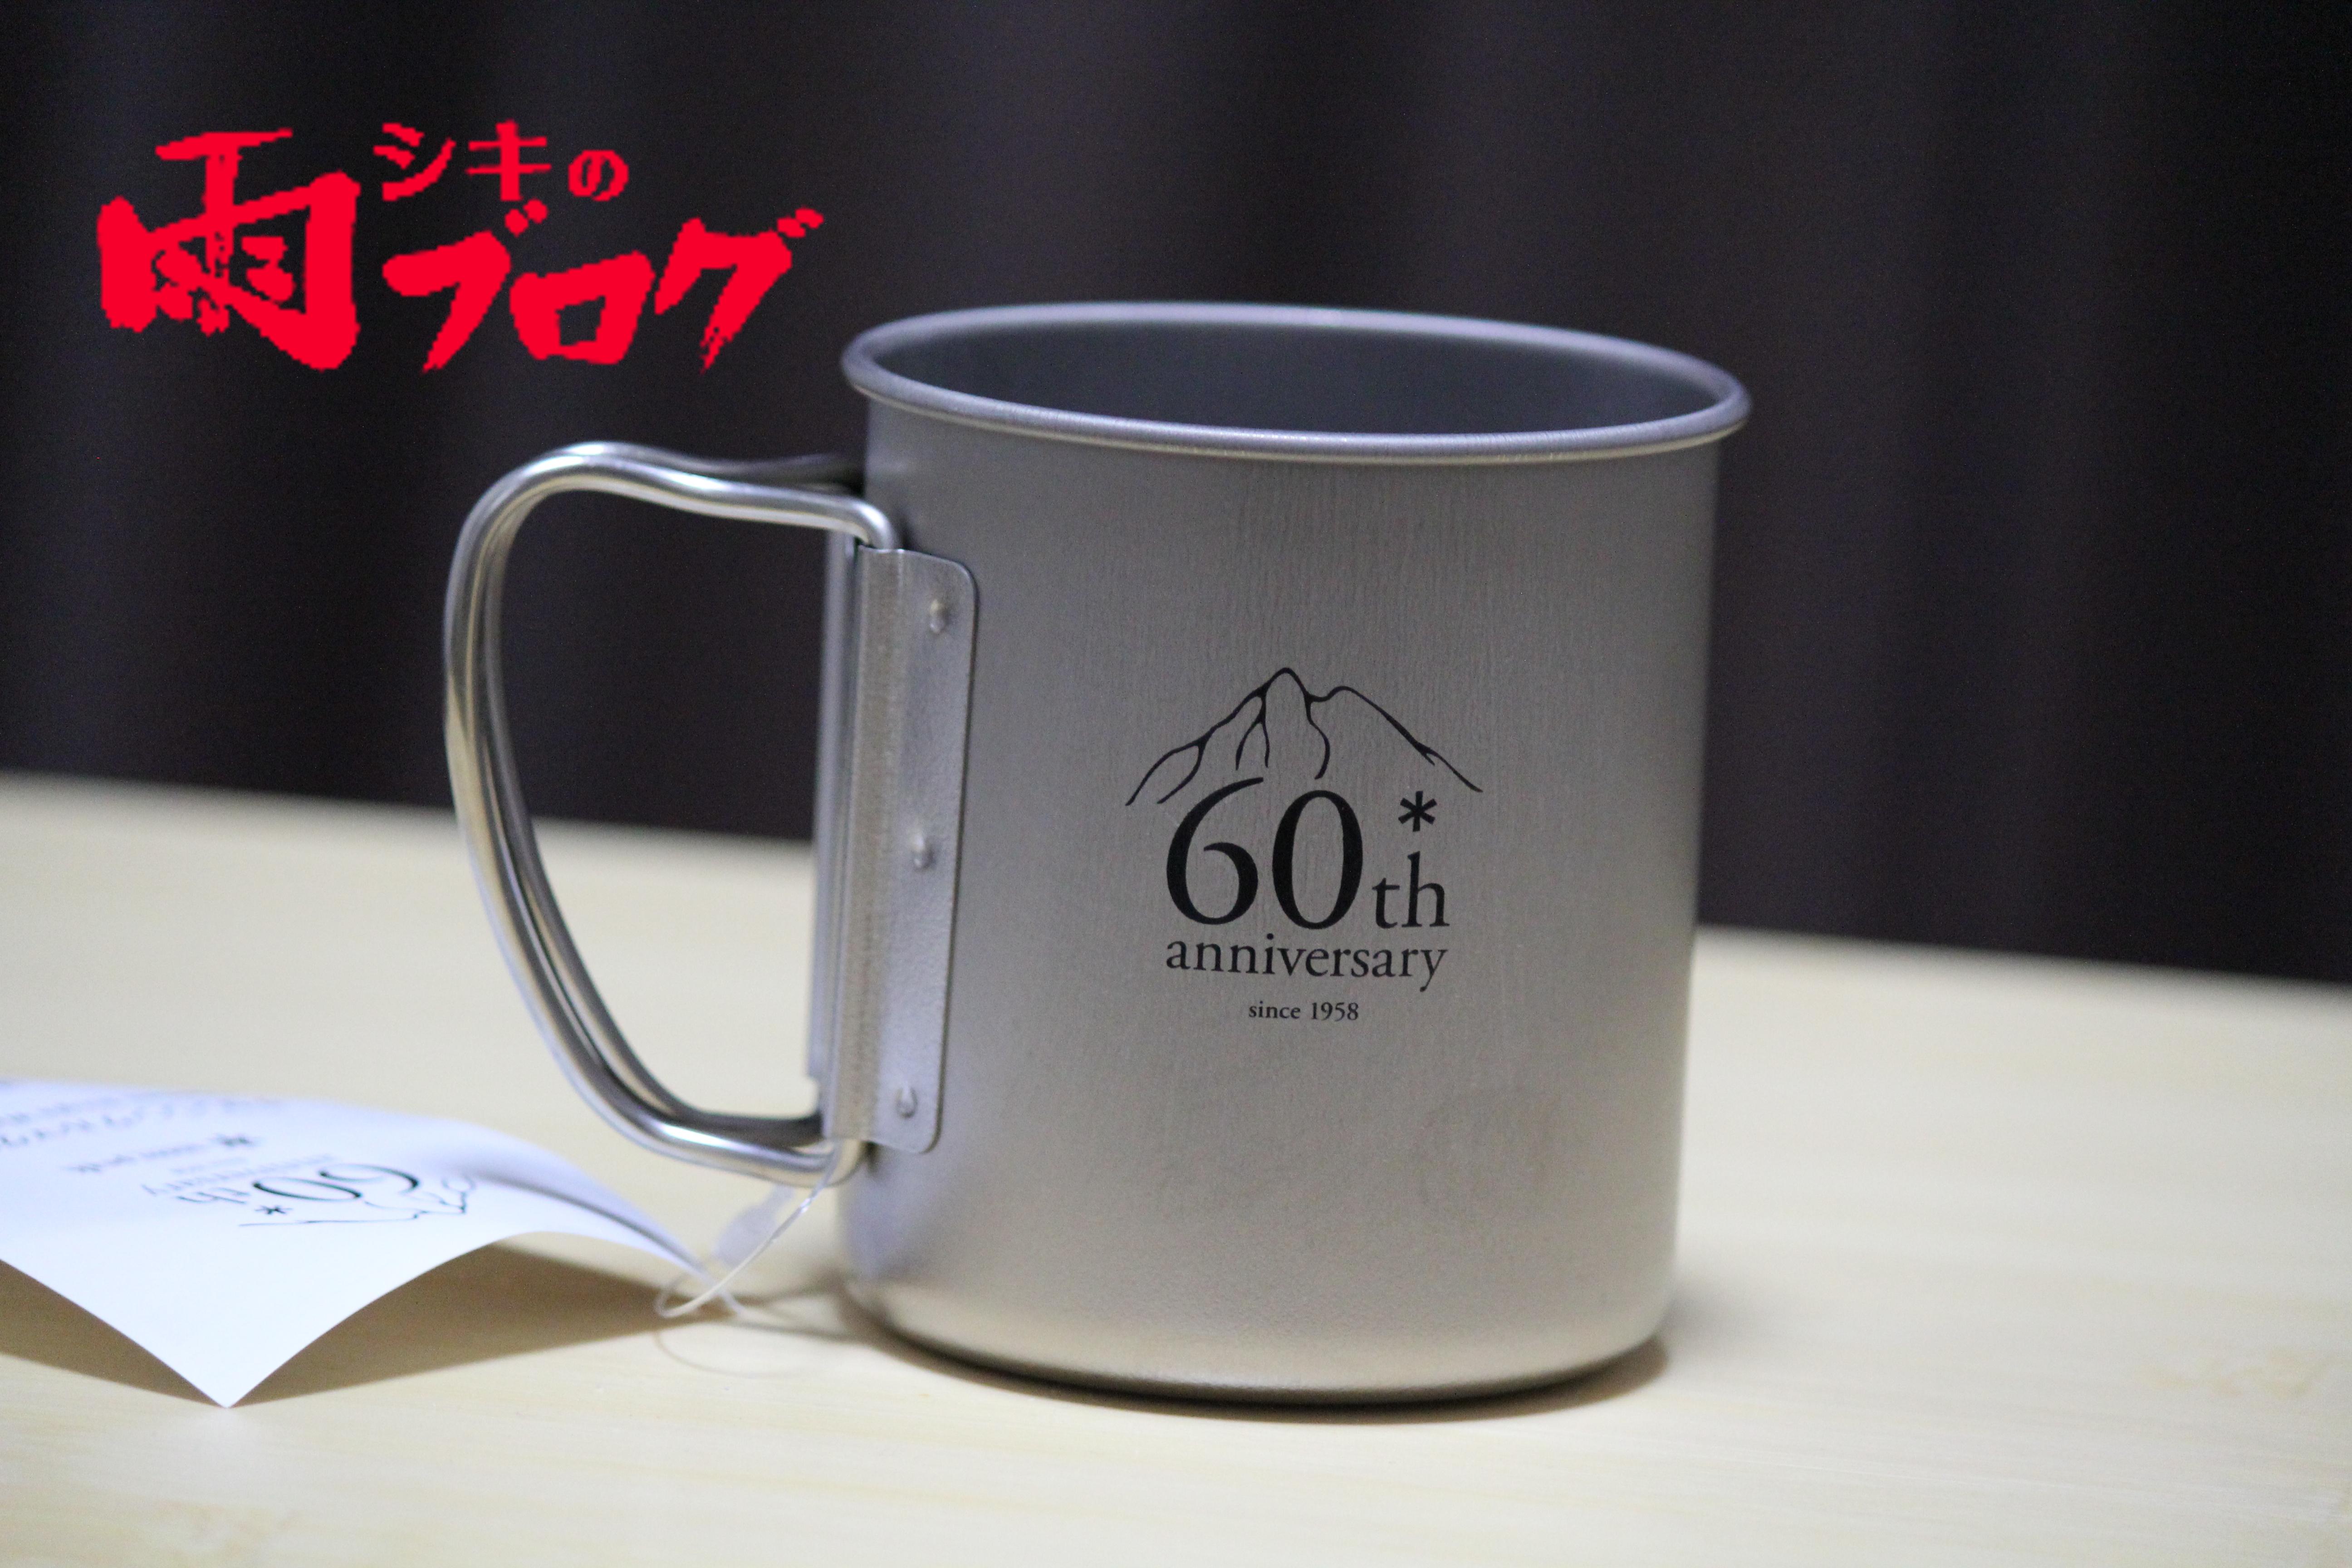 【レビュー】スノーピーク「チタンシングルマグ300」ちょうど良いサイズの軽量マグ!